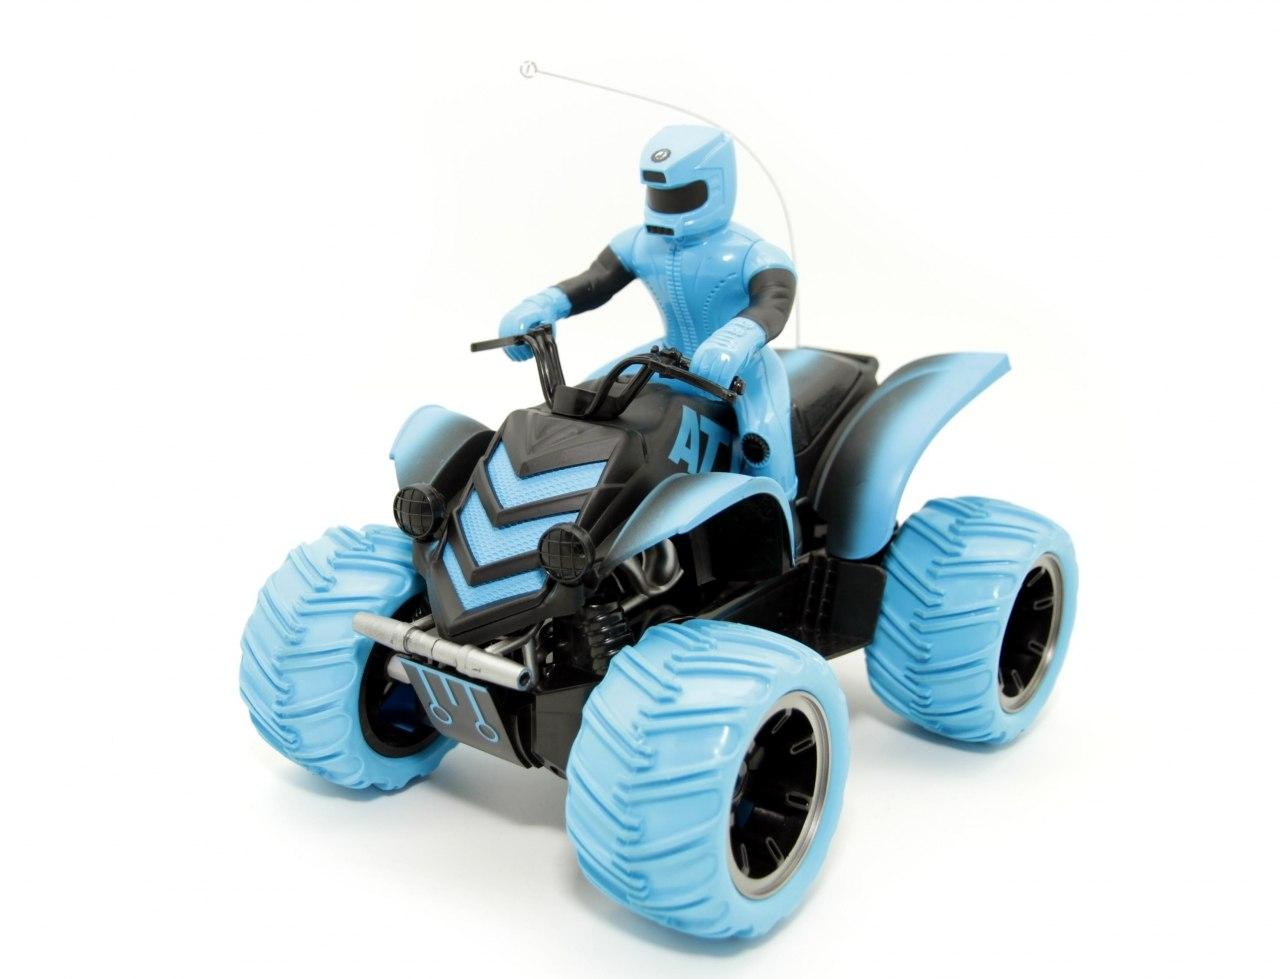 Купить BALBI Квадроцикл - синий   MTR-001-B - радиоуправляемая машина, Китай